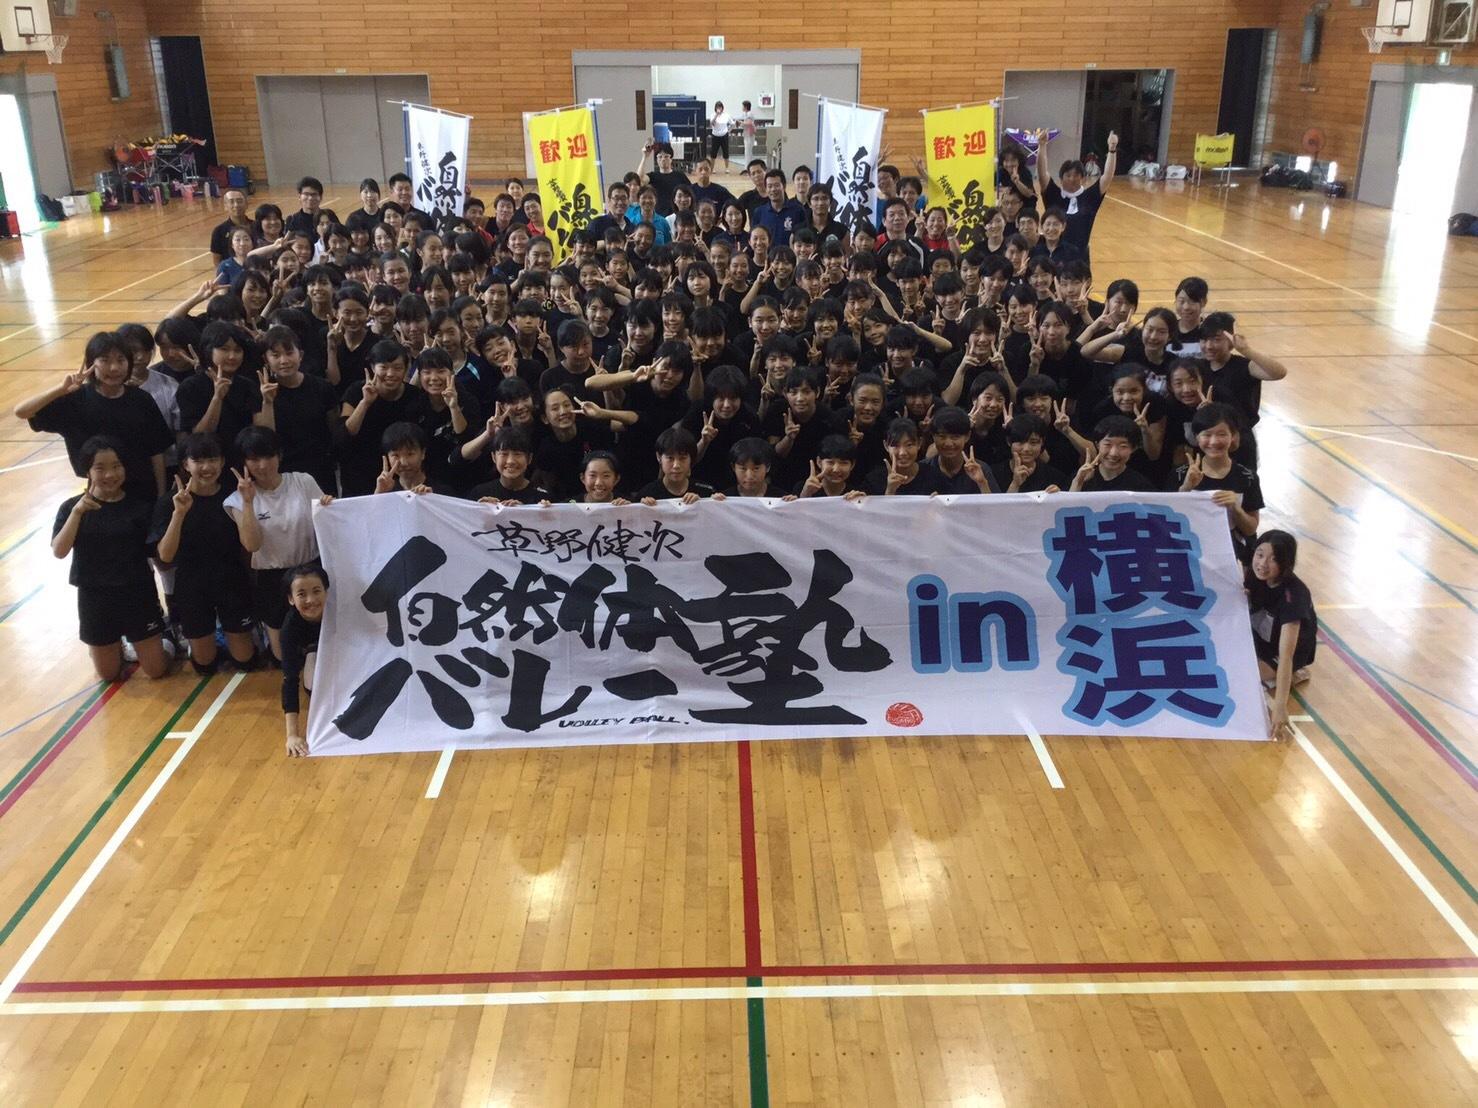 バレー塾 第949回 in横浜_c0000970_18271205.jpg